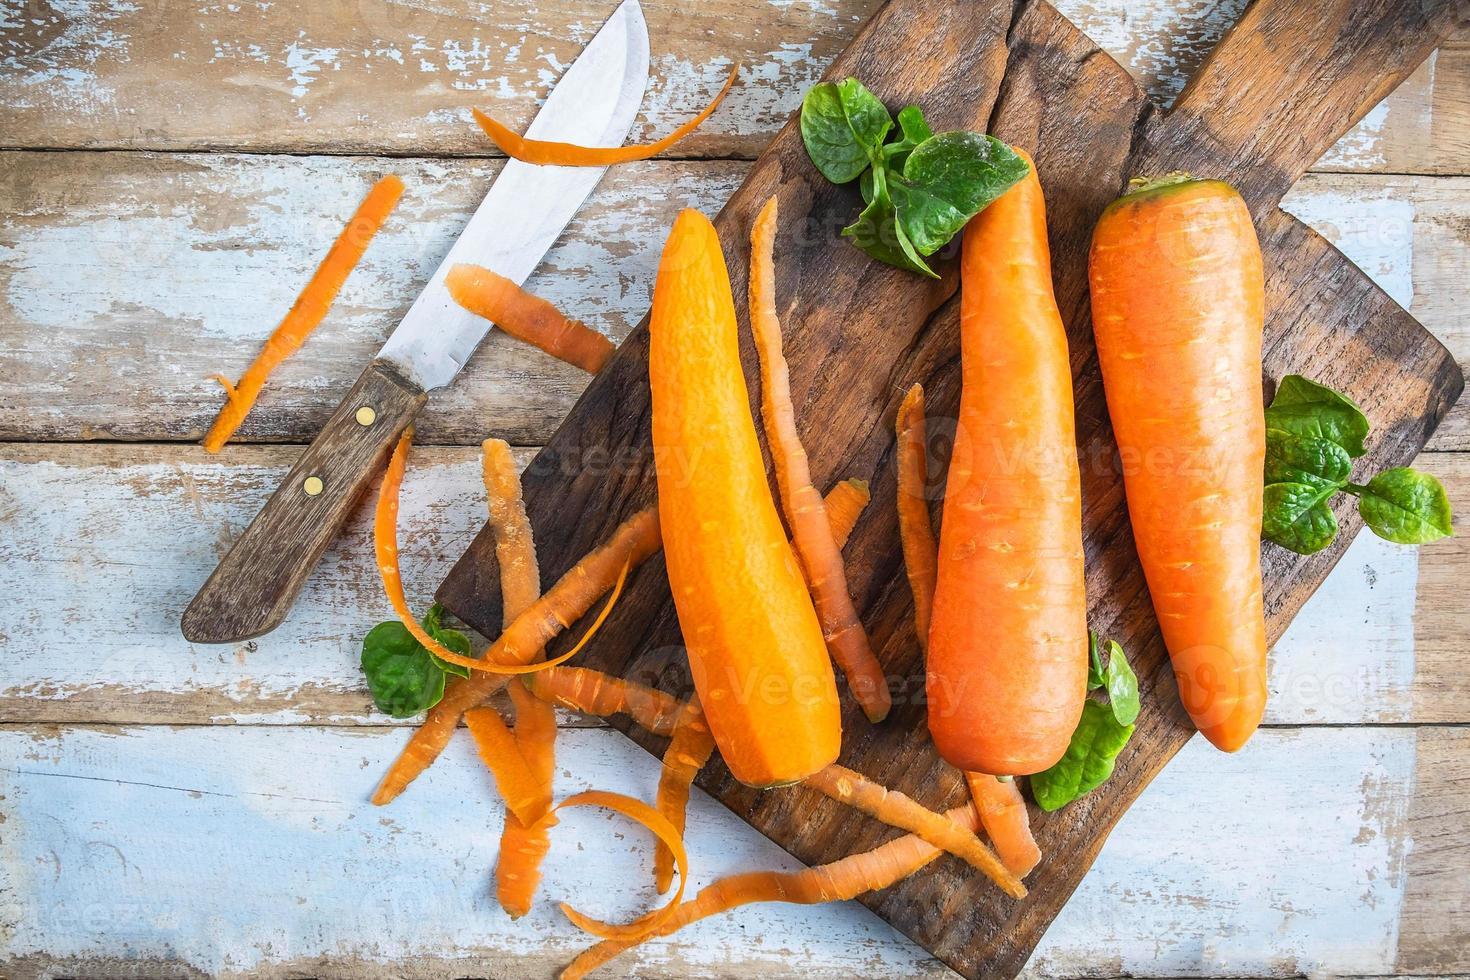 Karotten mit einem Messer auf einem Schneidebrett foto